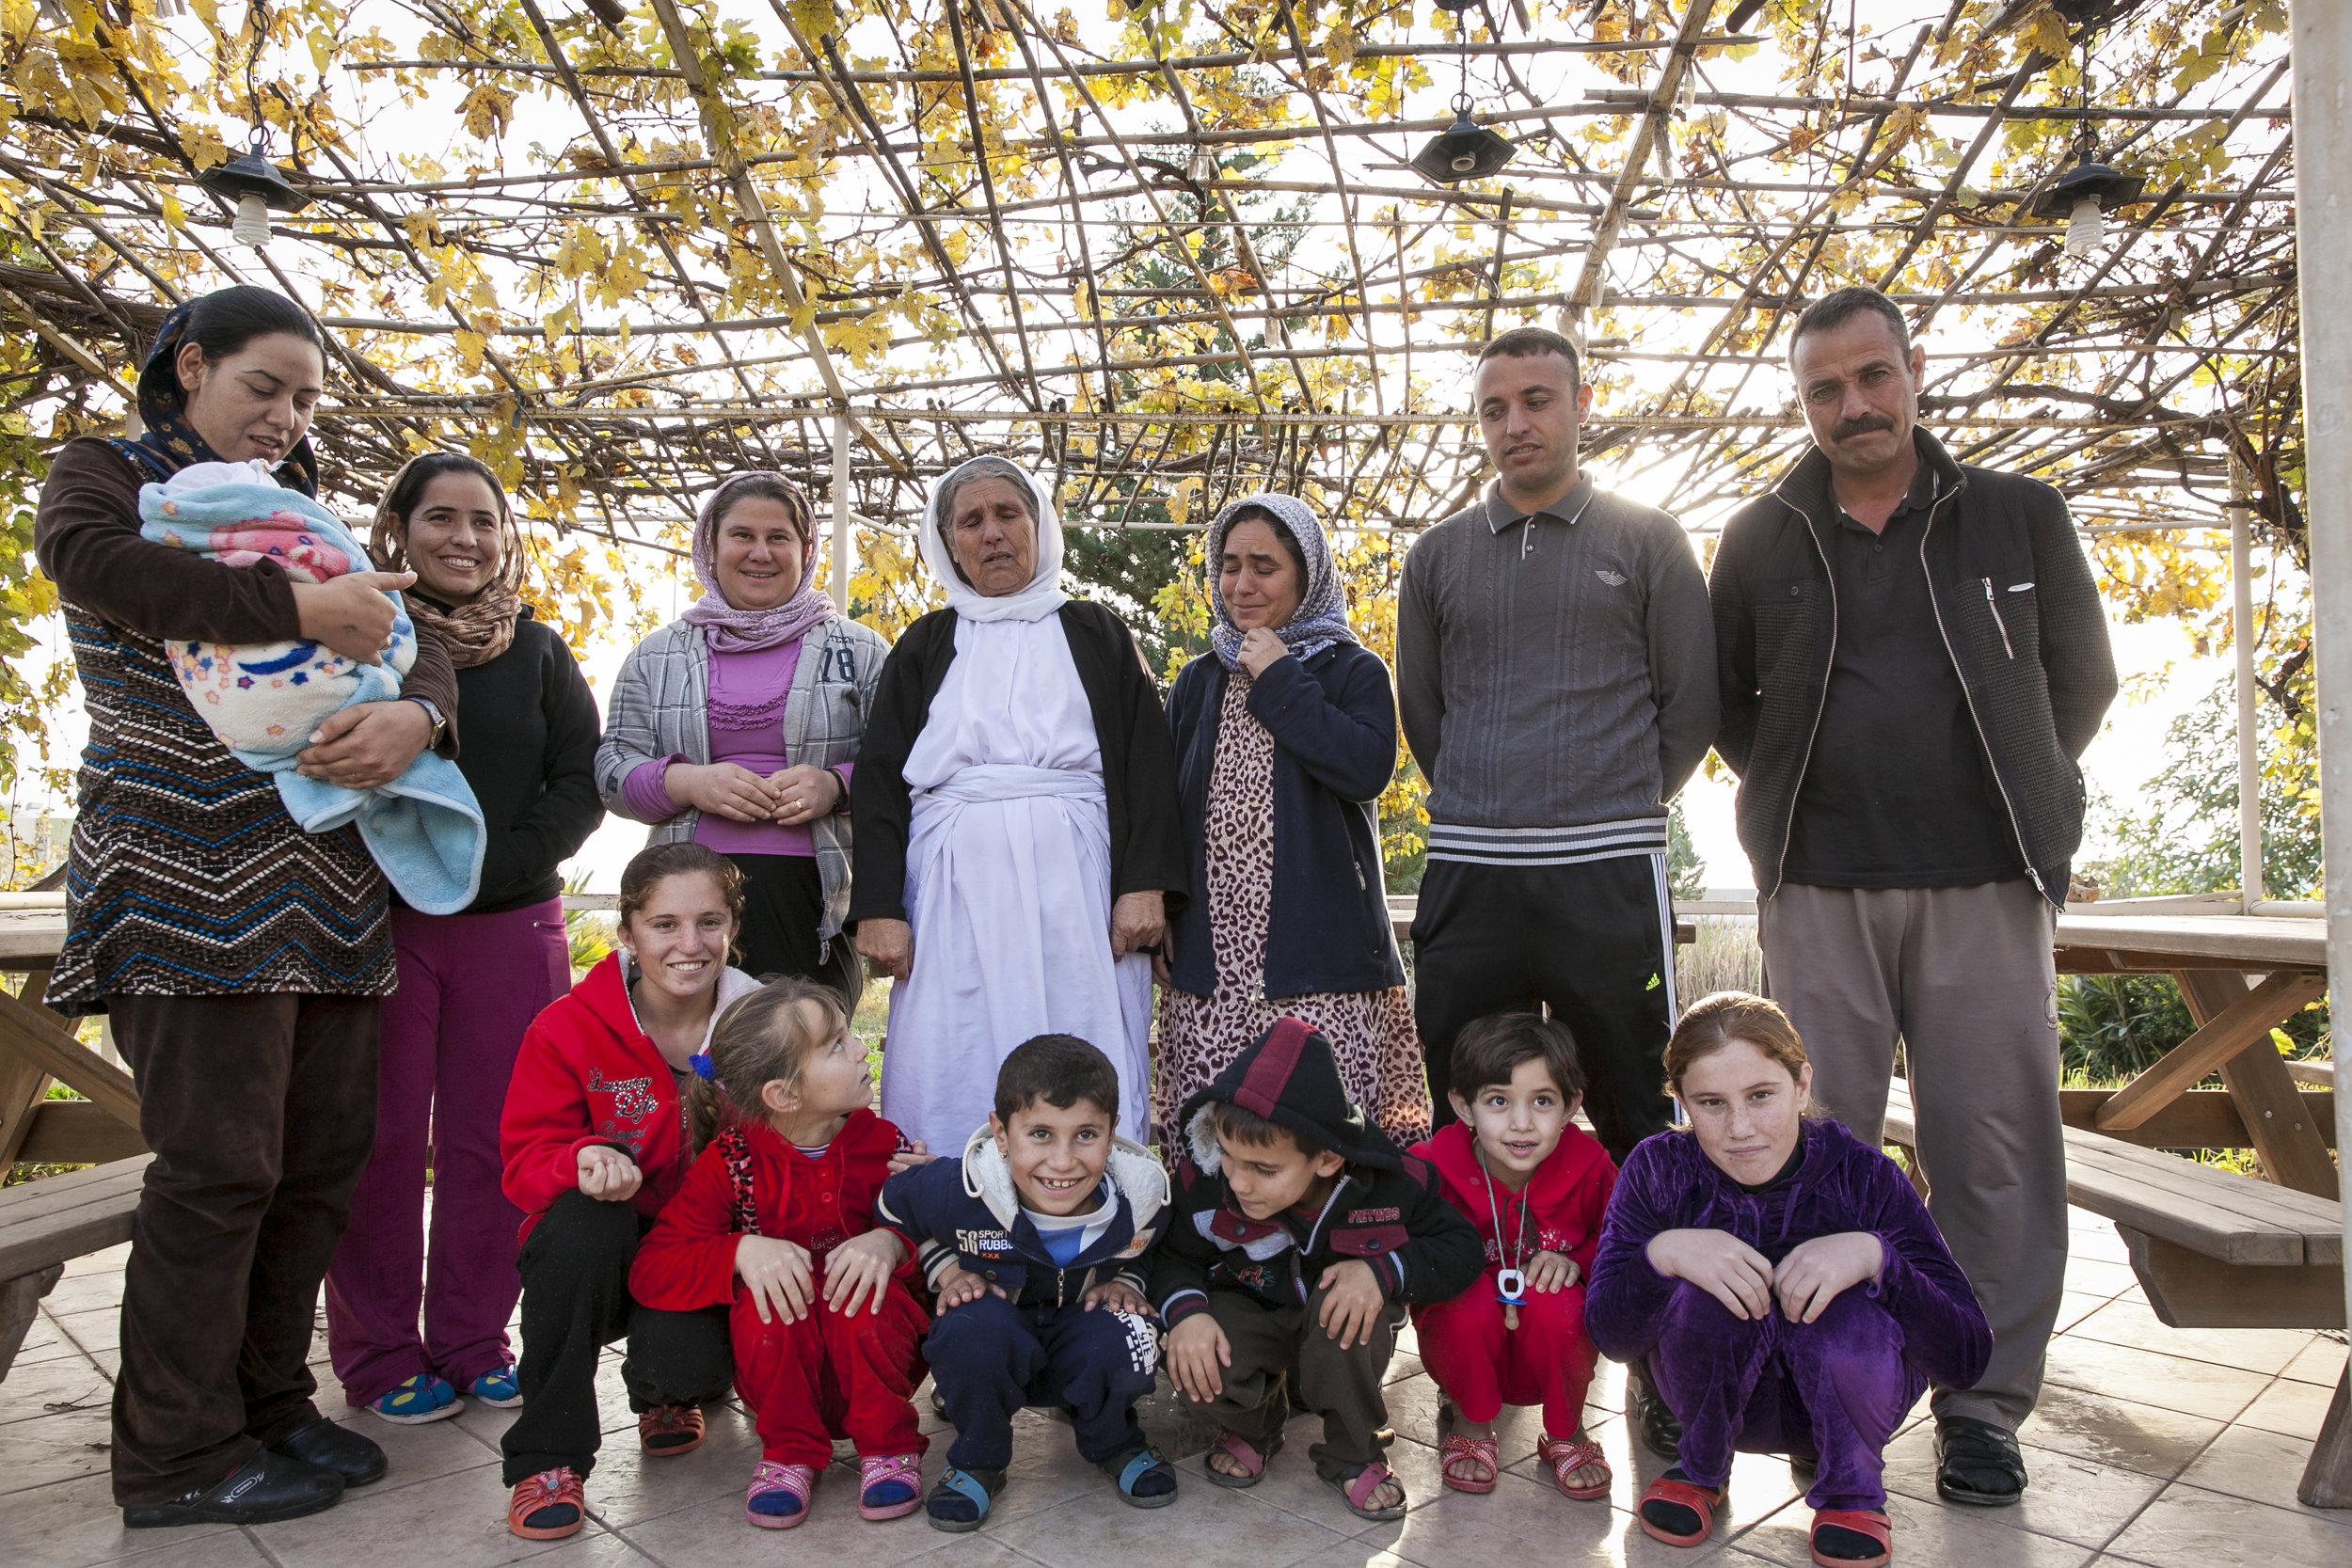 20141205_Refugee_GH_0585.jpg